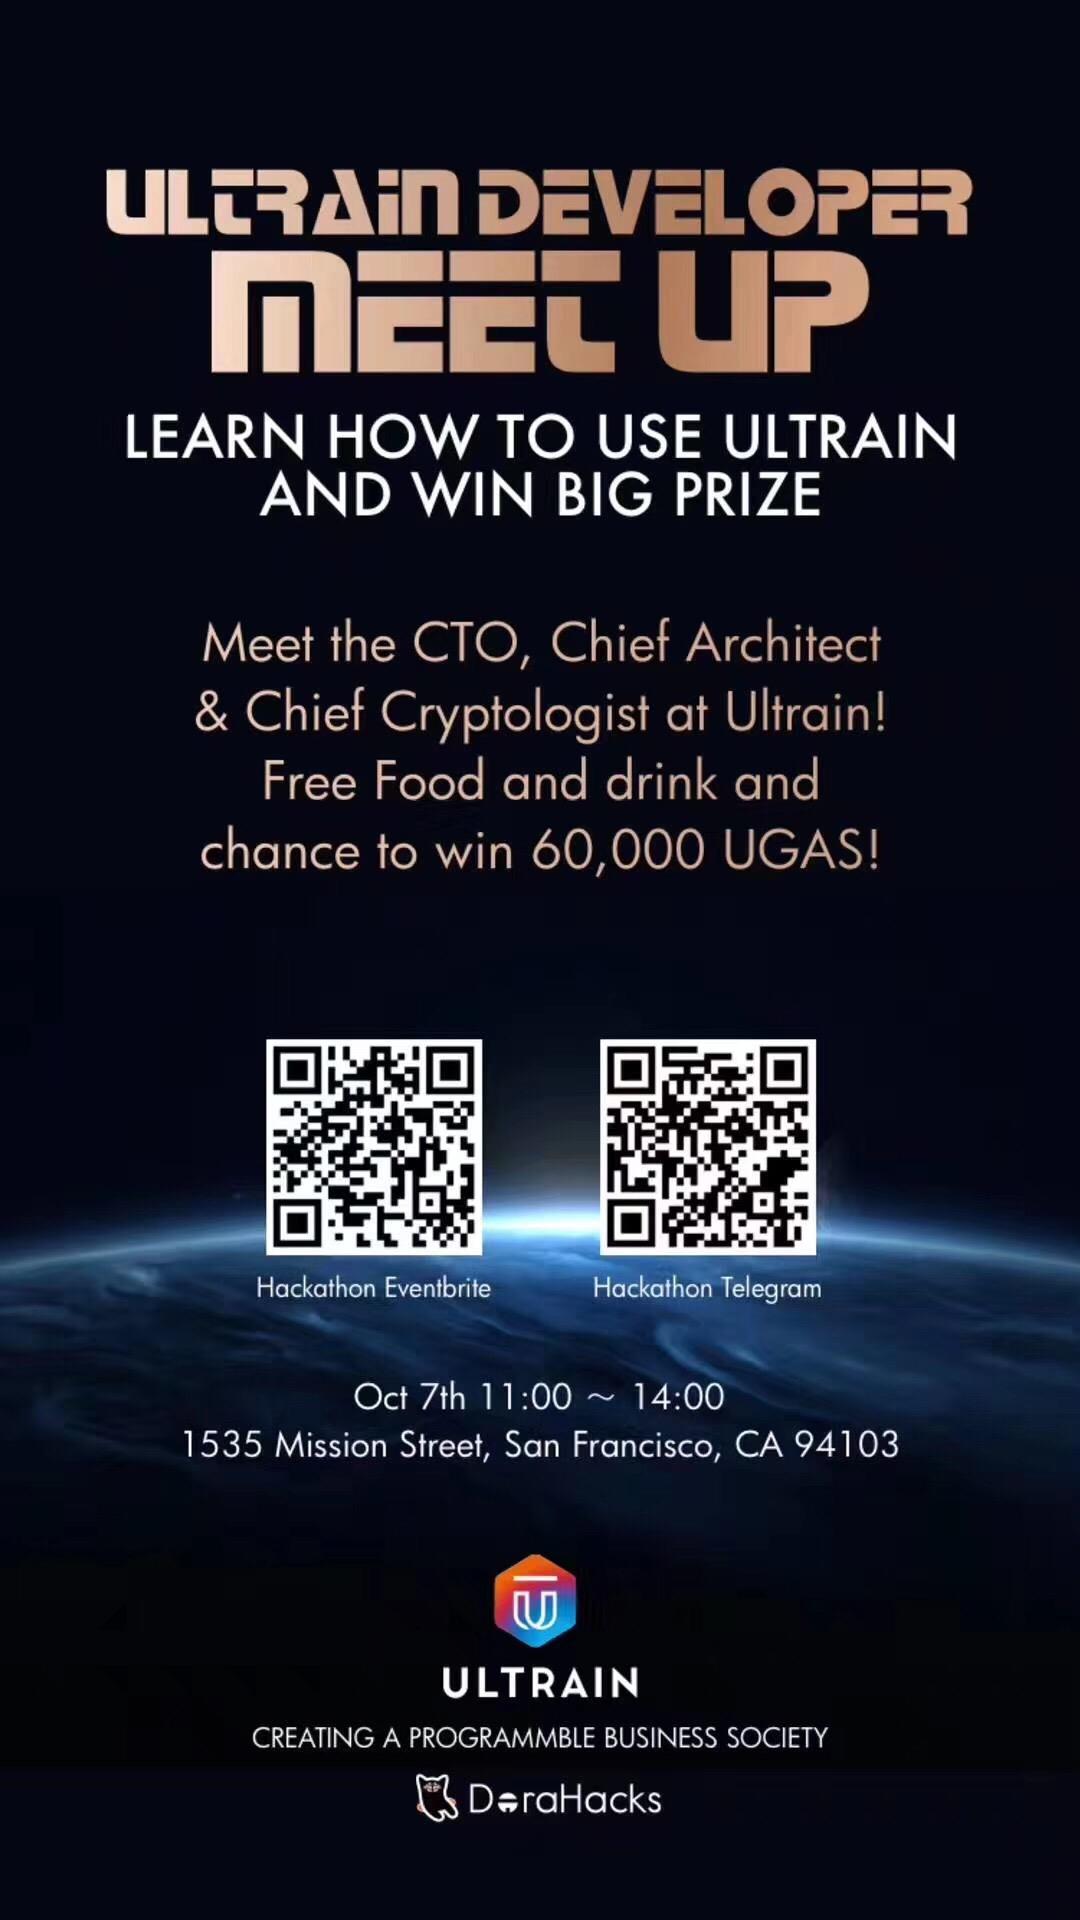 ULTRAIN Developer Meetup